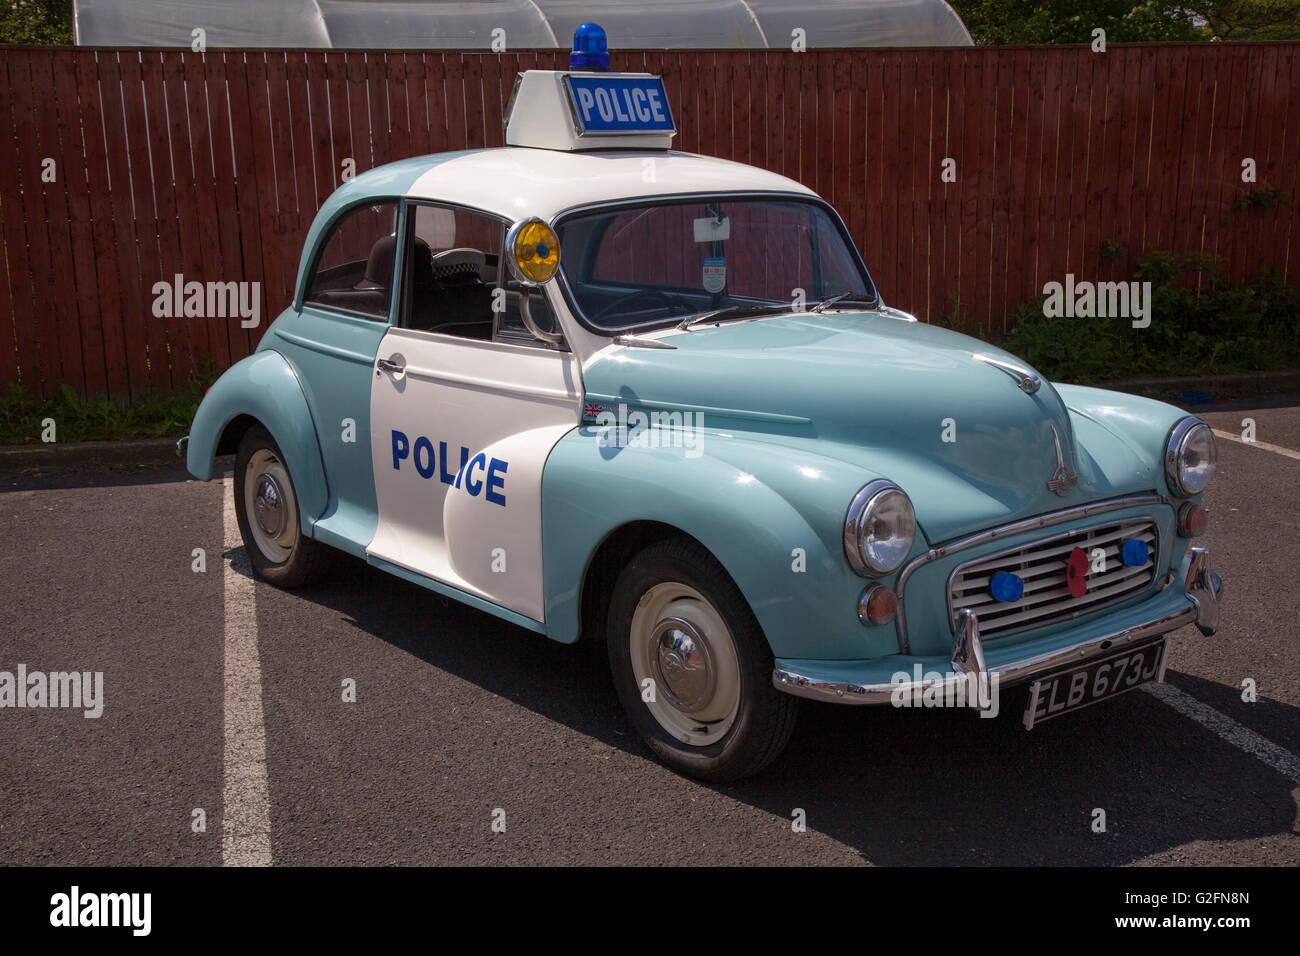 Vintage 1969 60s bleu et blanc British Leyland Morris Minor 1000 police trafic ZType de voiture. 60s Z-Cars ou Z Cars était une série télévisée britannique centrée sur le travail de la police mobile en uniforme dans une ville fictive. Voiture de police panda au Pendle Power Fest, un classique, vétéran et spectacle de l'héritage de l'automobile tenu à Barrowford, Lancashire, Royaume-Uni Banque D'Images